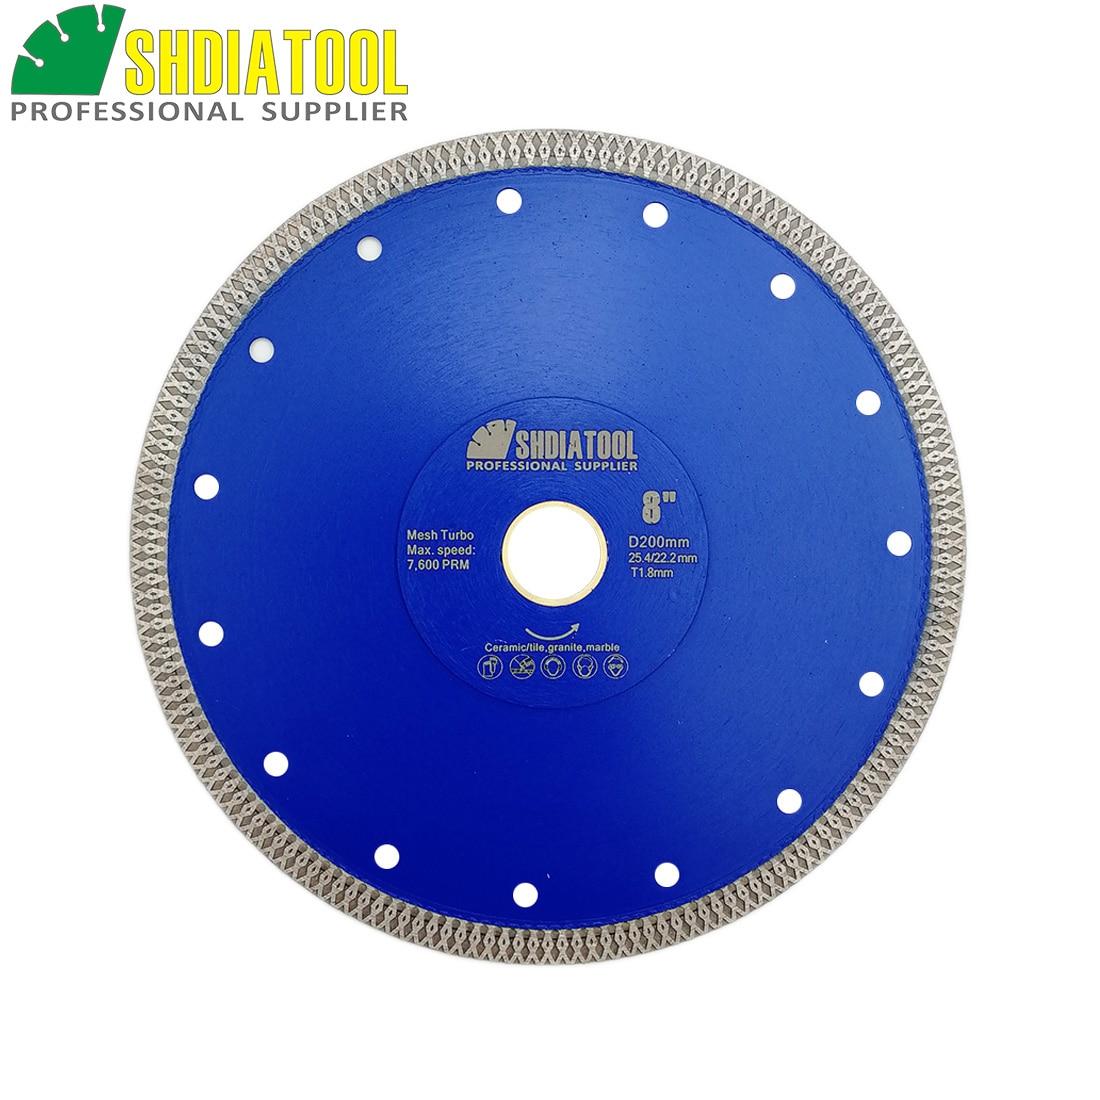 """SHDIATOOL 1 ud. Diámetro 8 """"/200mm sinterizado en caliente X malla Turbo diamante Sierra cuchillas rueda circular mármol azulejo disco cortador cerámico"""